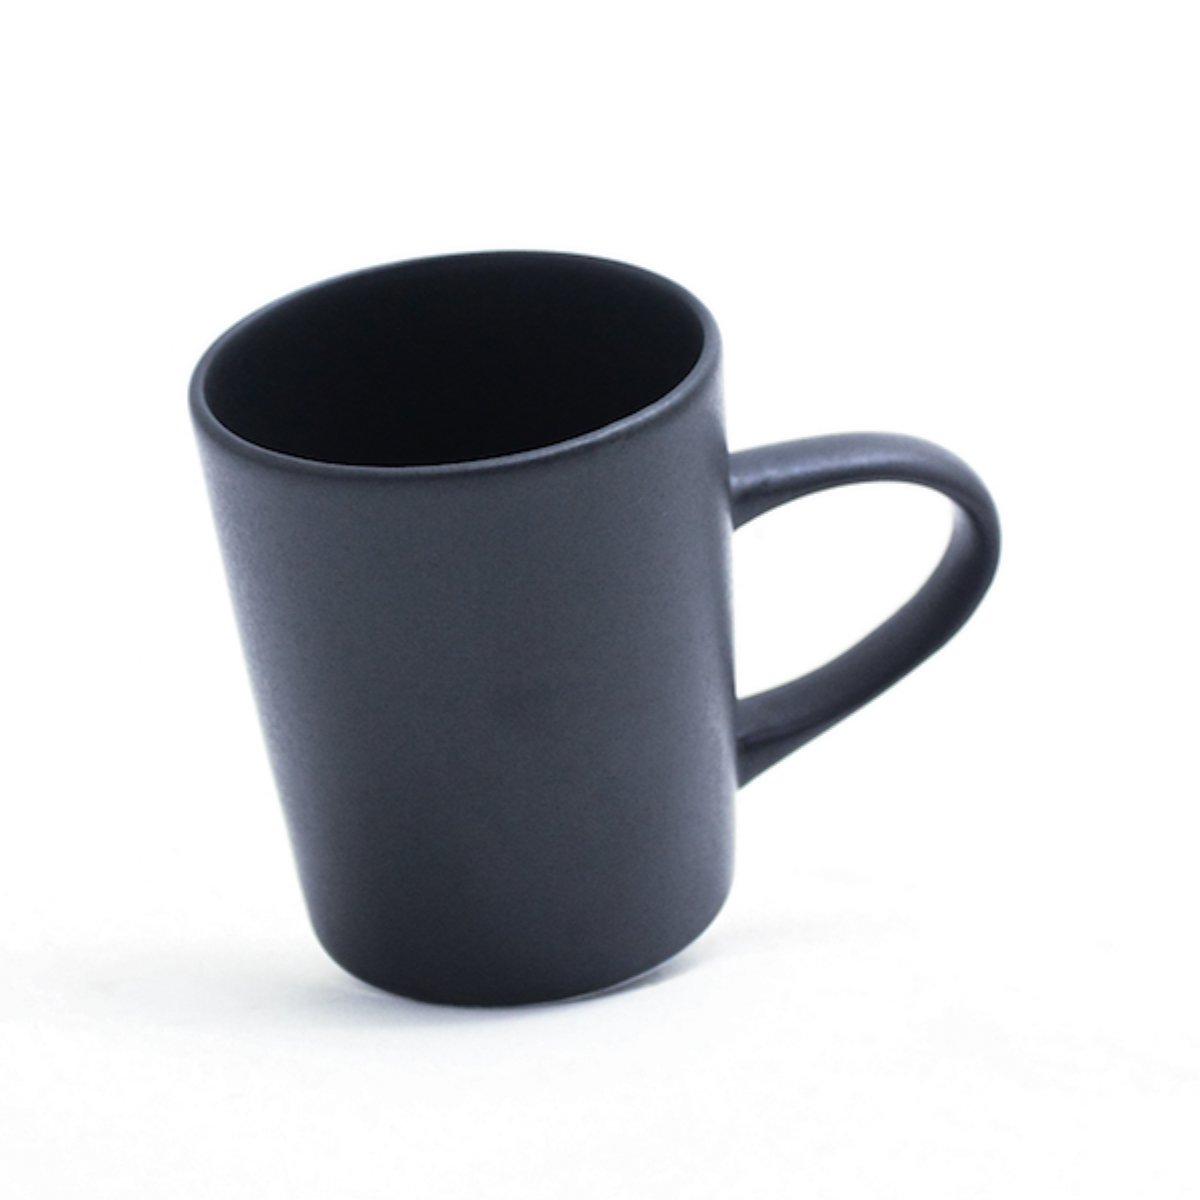 マグカップ SS のっぽ ブラックスター 詳細画像3